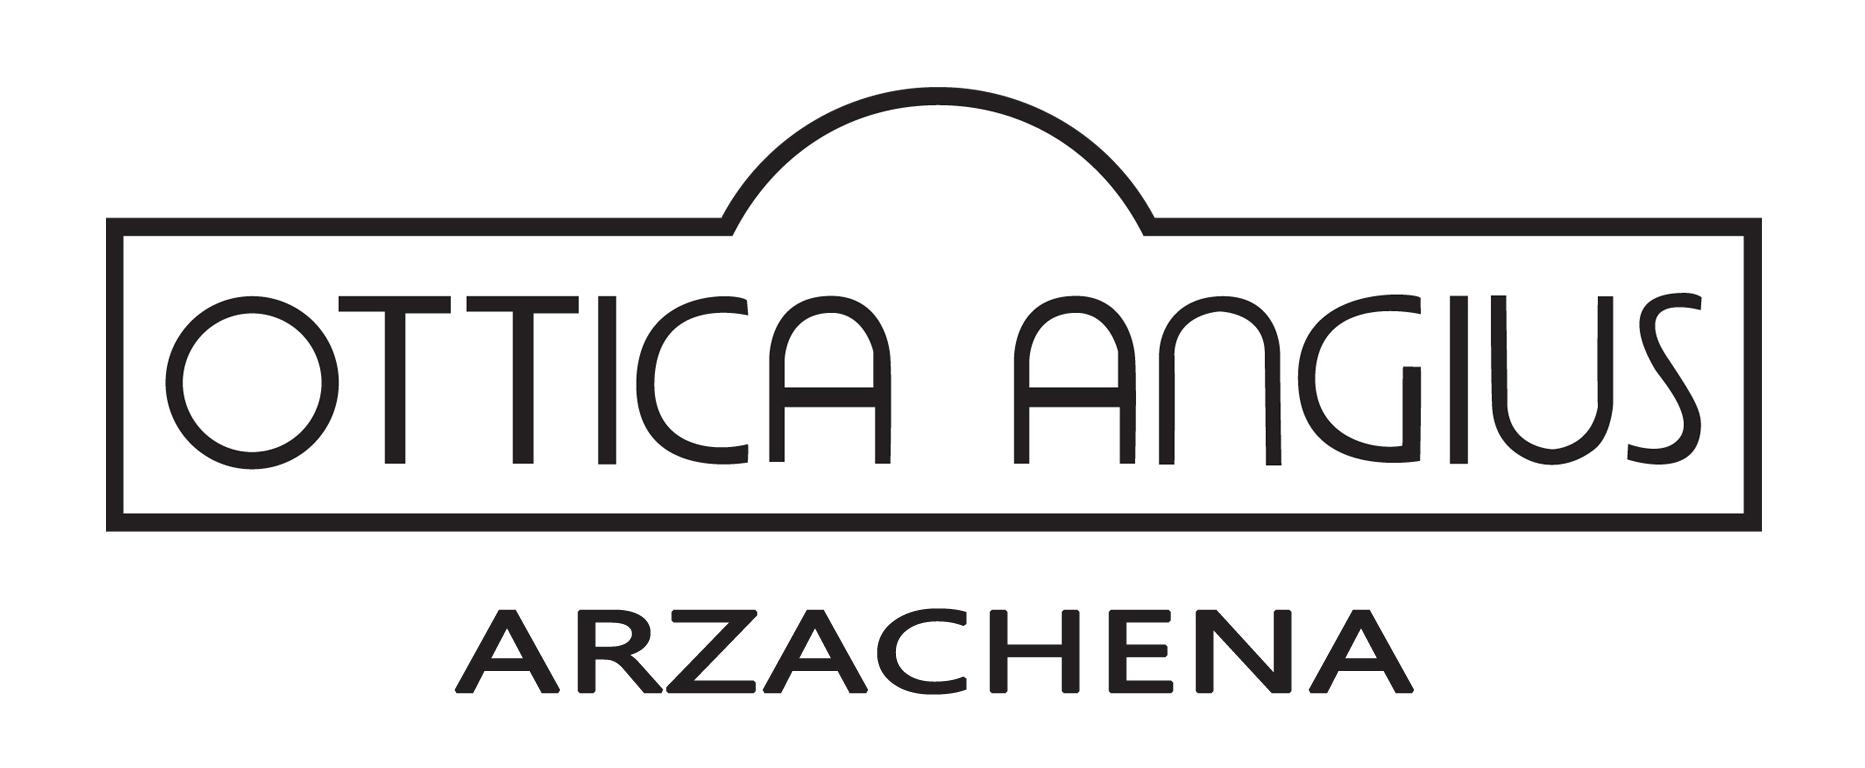 logo Ottica Angius Arzachena